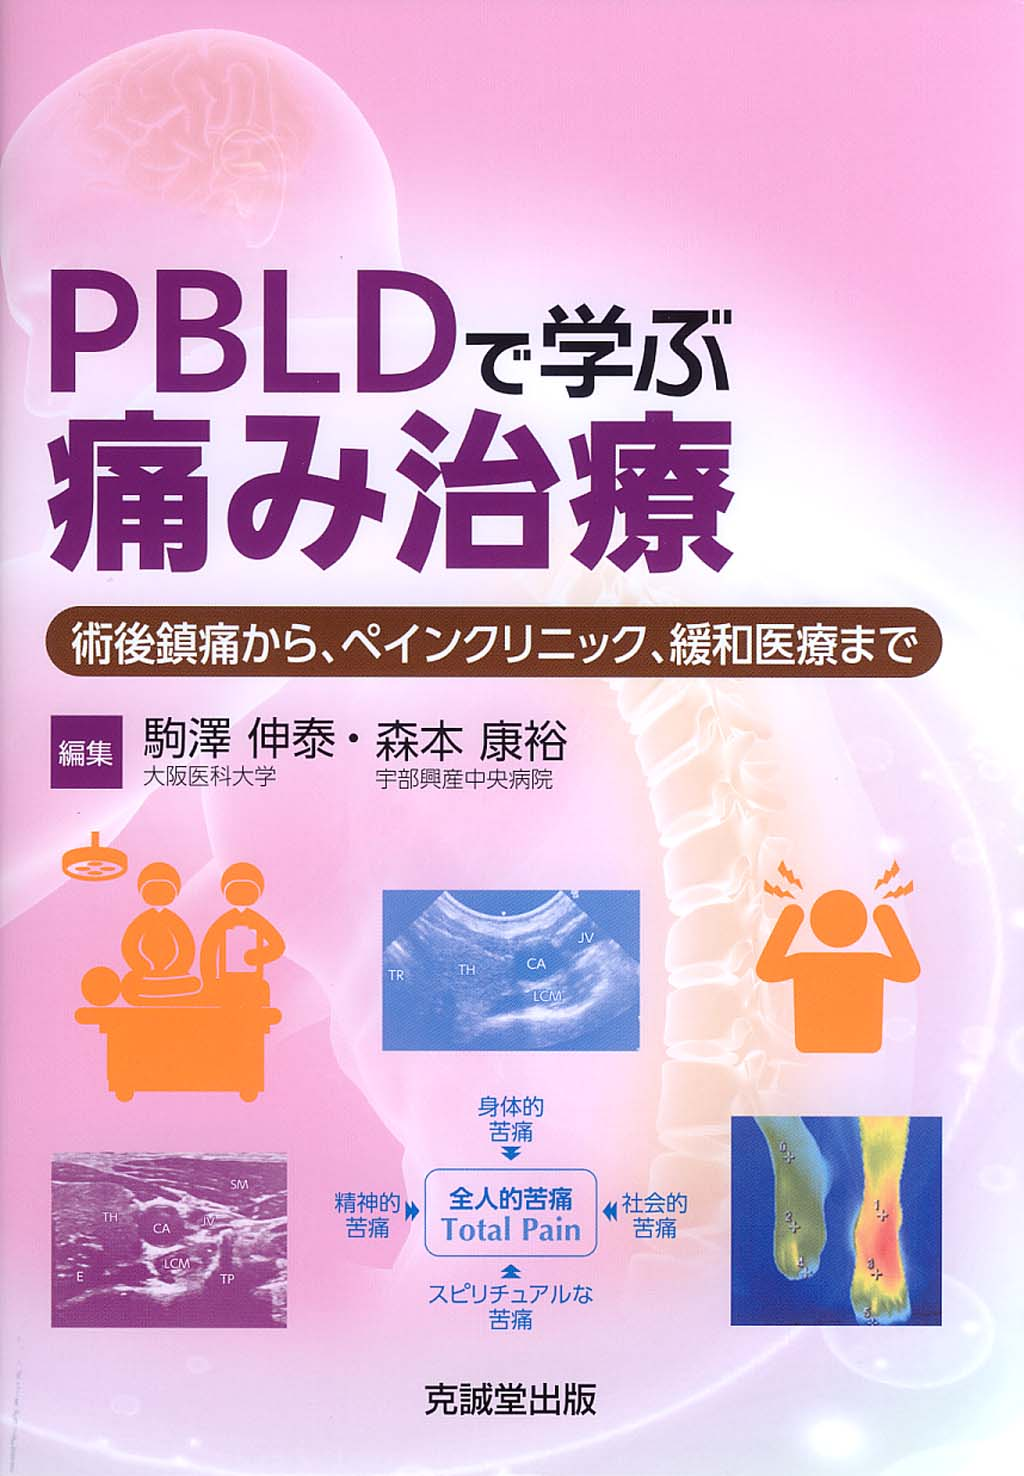 PBLDで学ぶ痛み治療